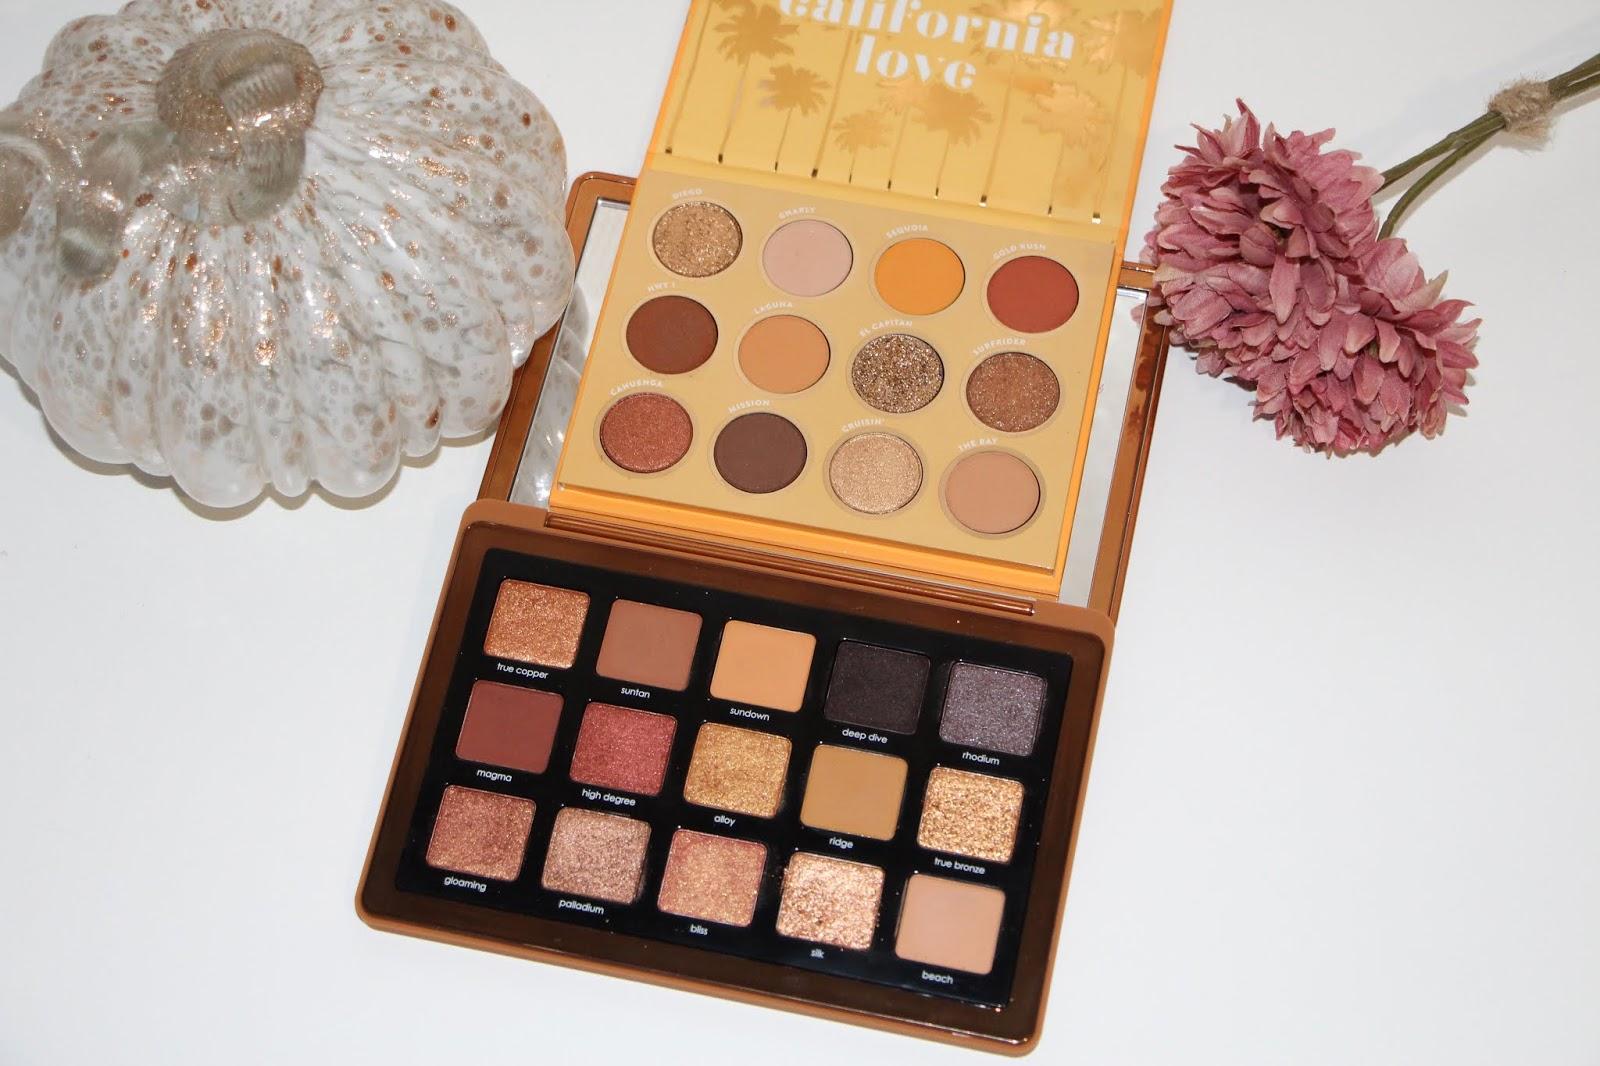 Natasha Denona Bronze Palette & Colourpop California Love Palette | Haul & Dupes